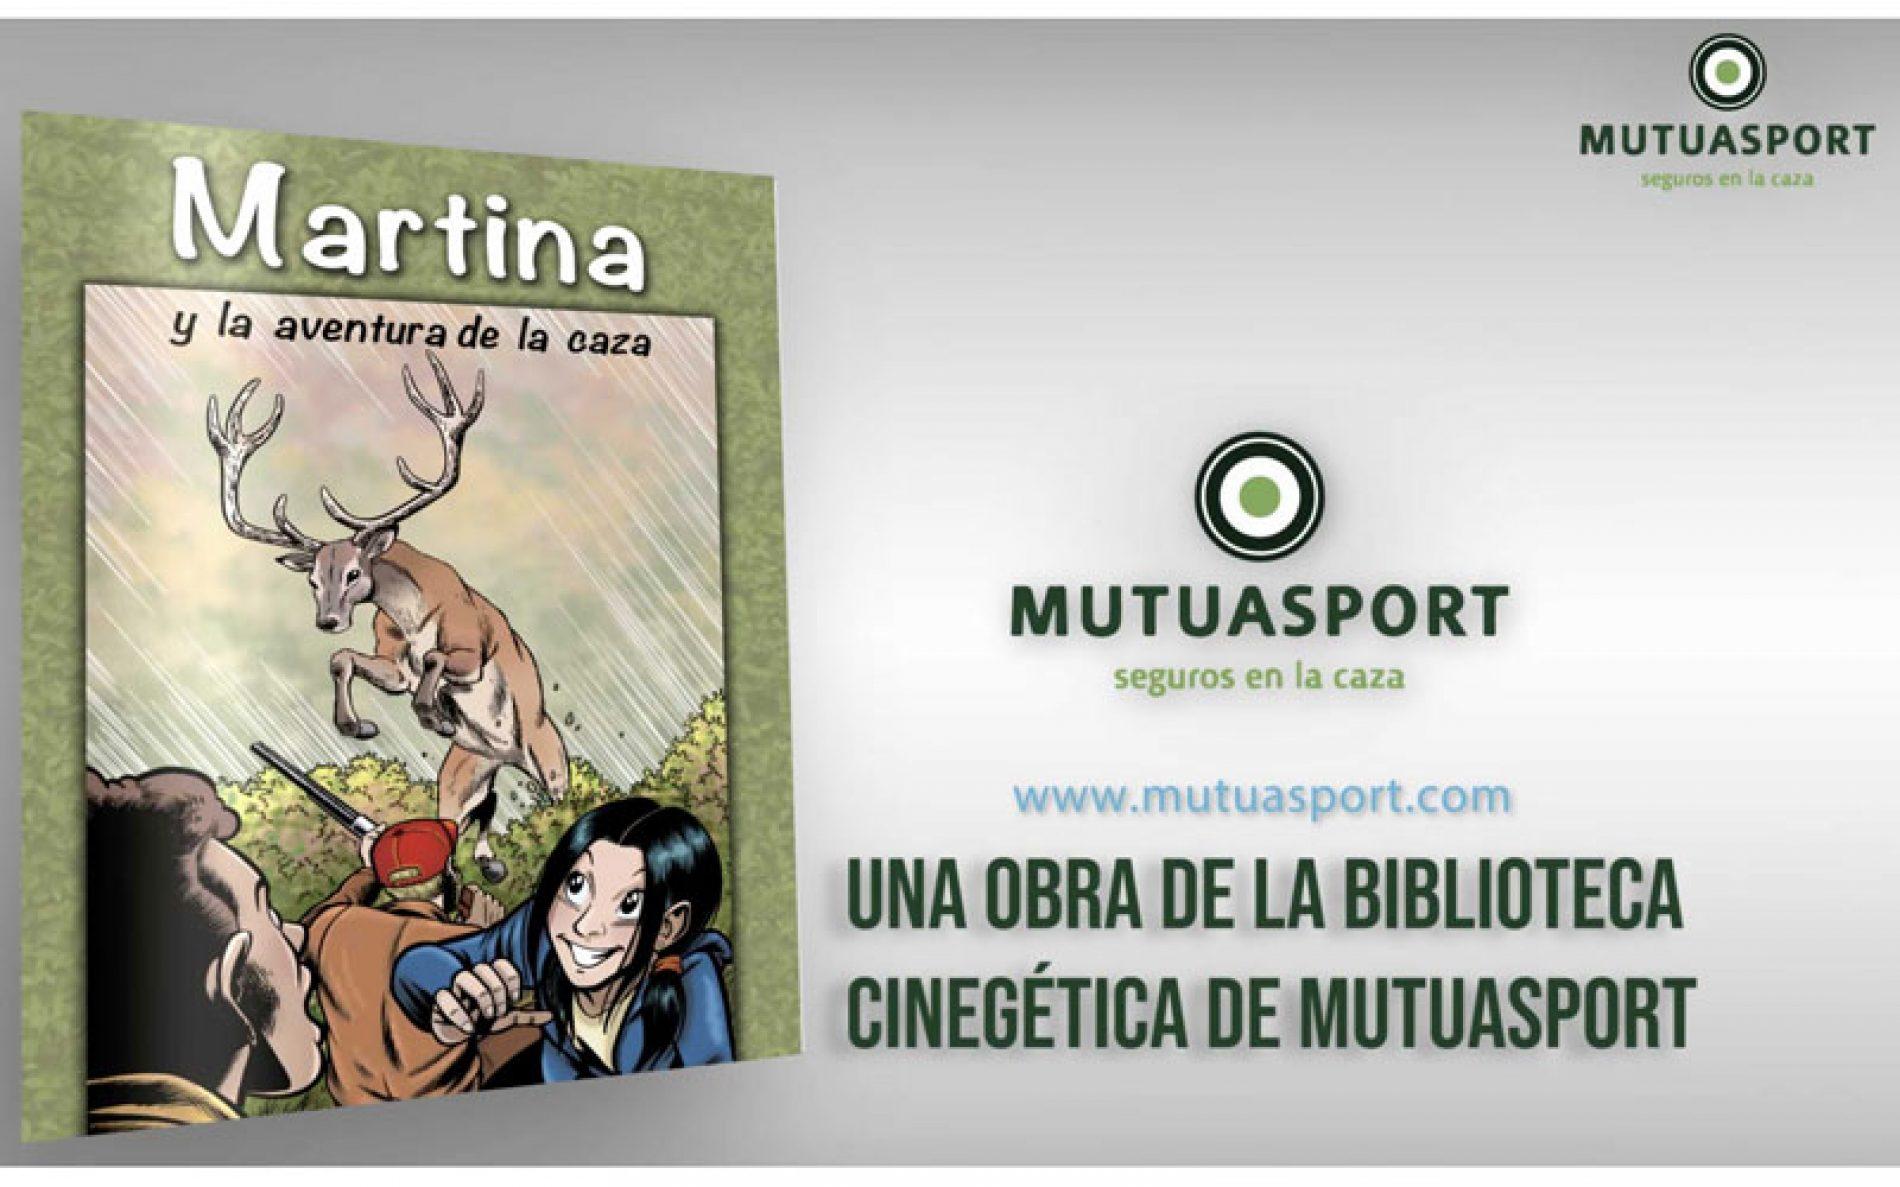 Mutuasport lanza el cómic 'Martina y la aventura de la caza'